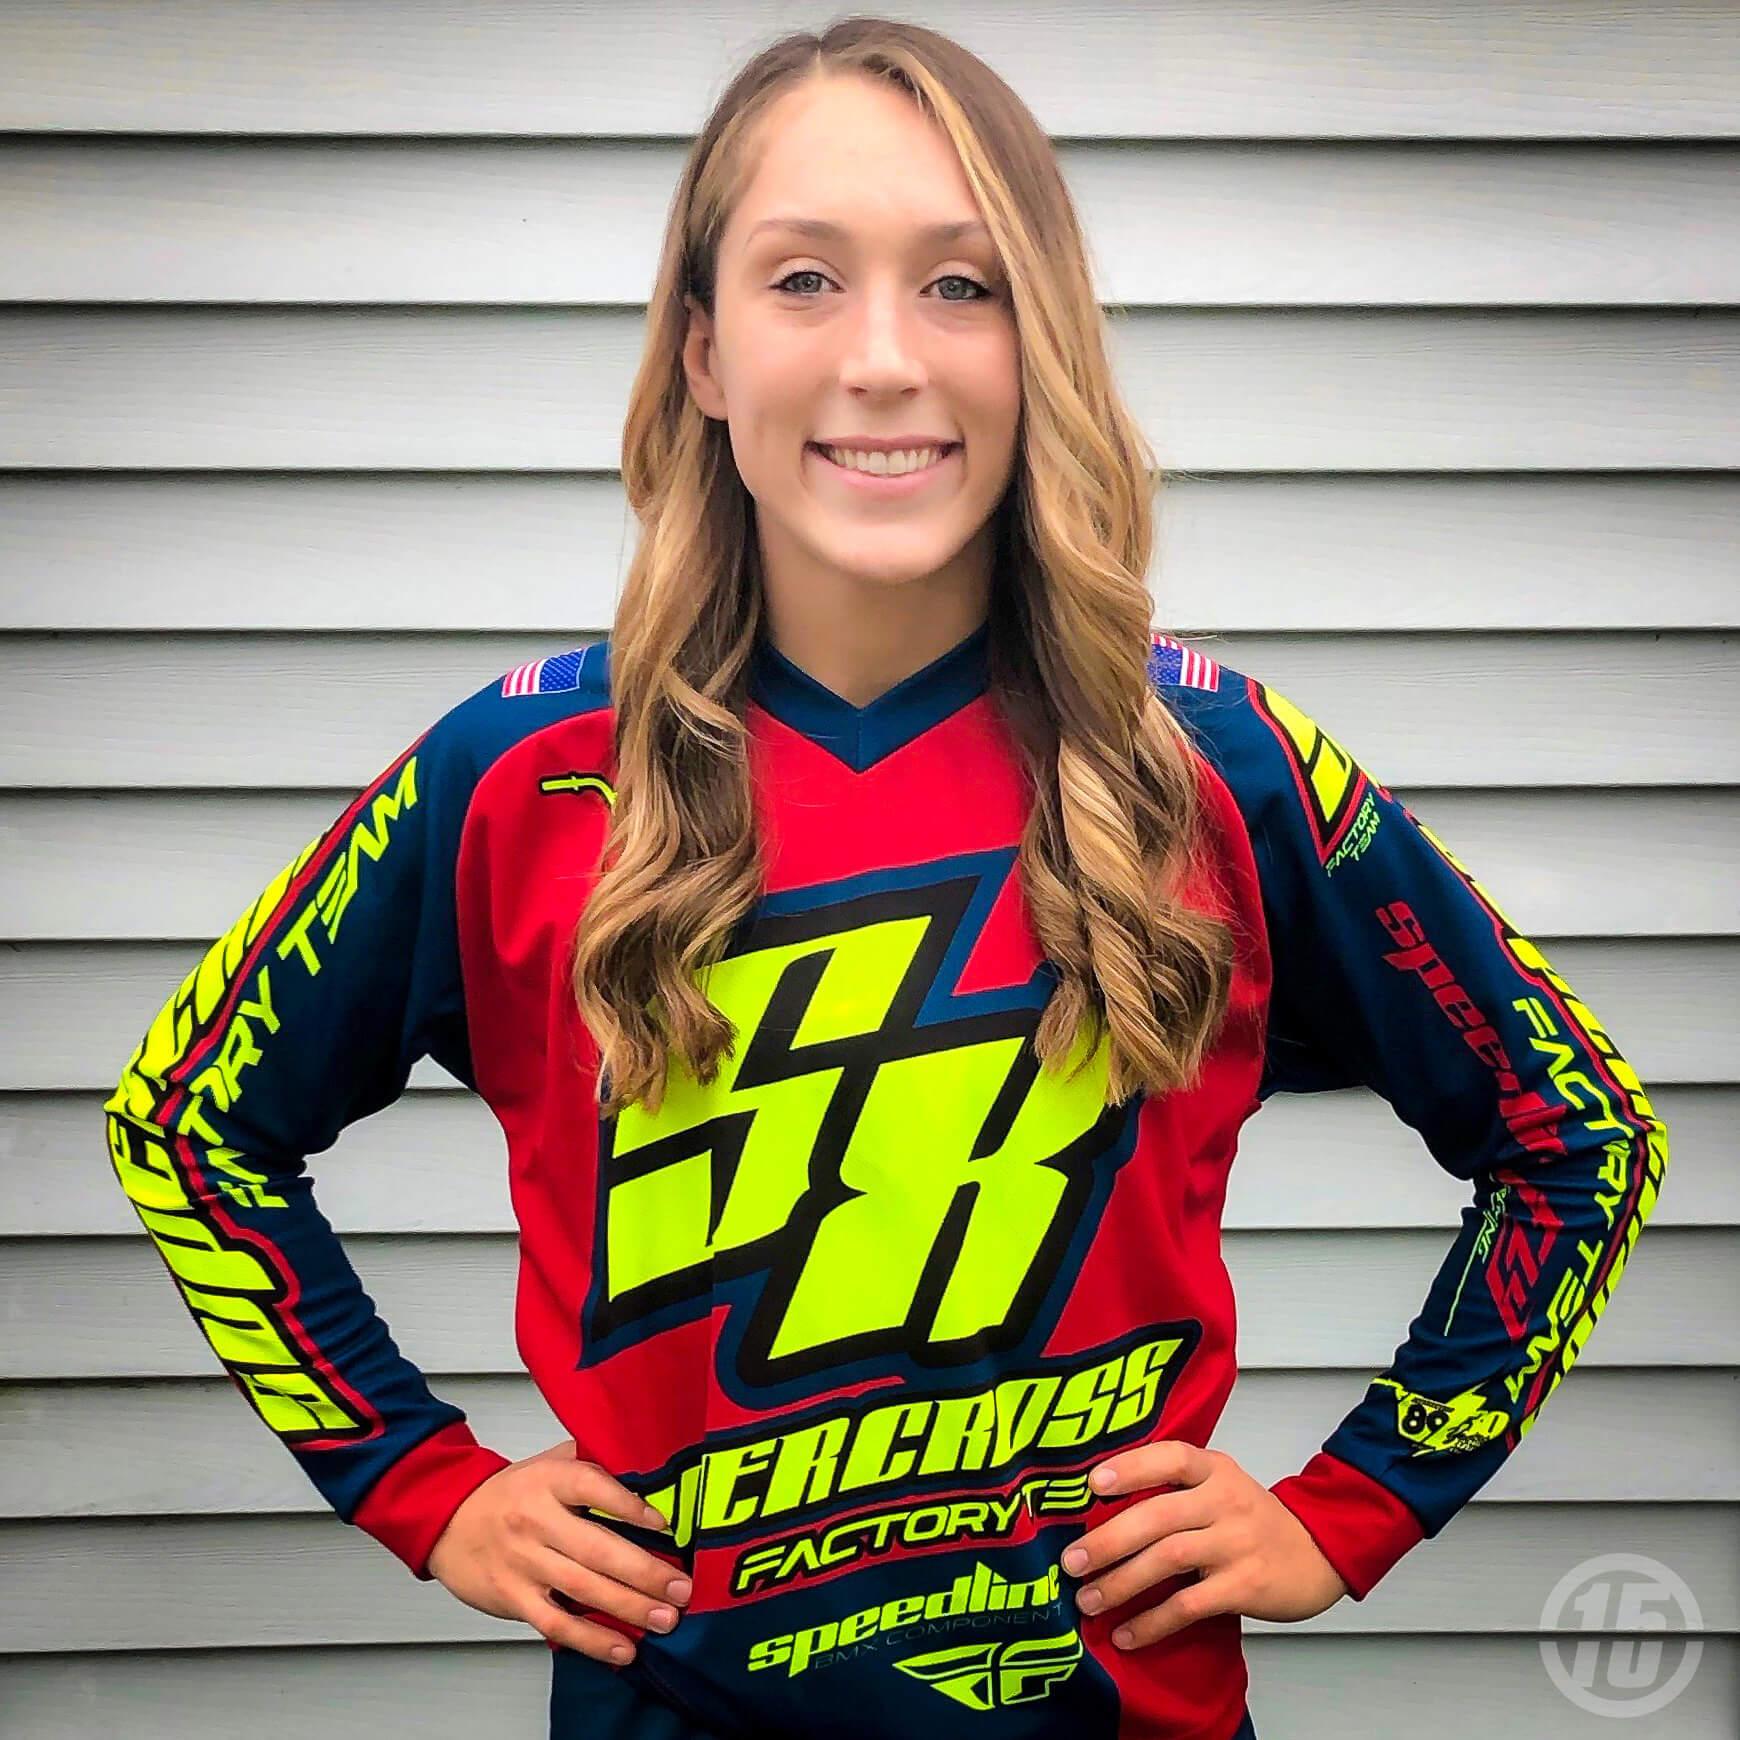 Felicia Stancil Factory Supercross 2019 - Supercross BMX - Fifteen BMX